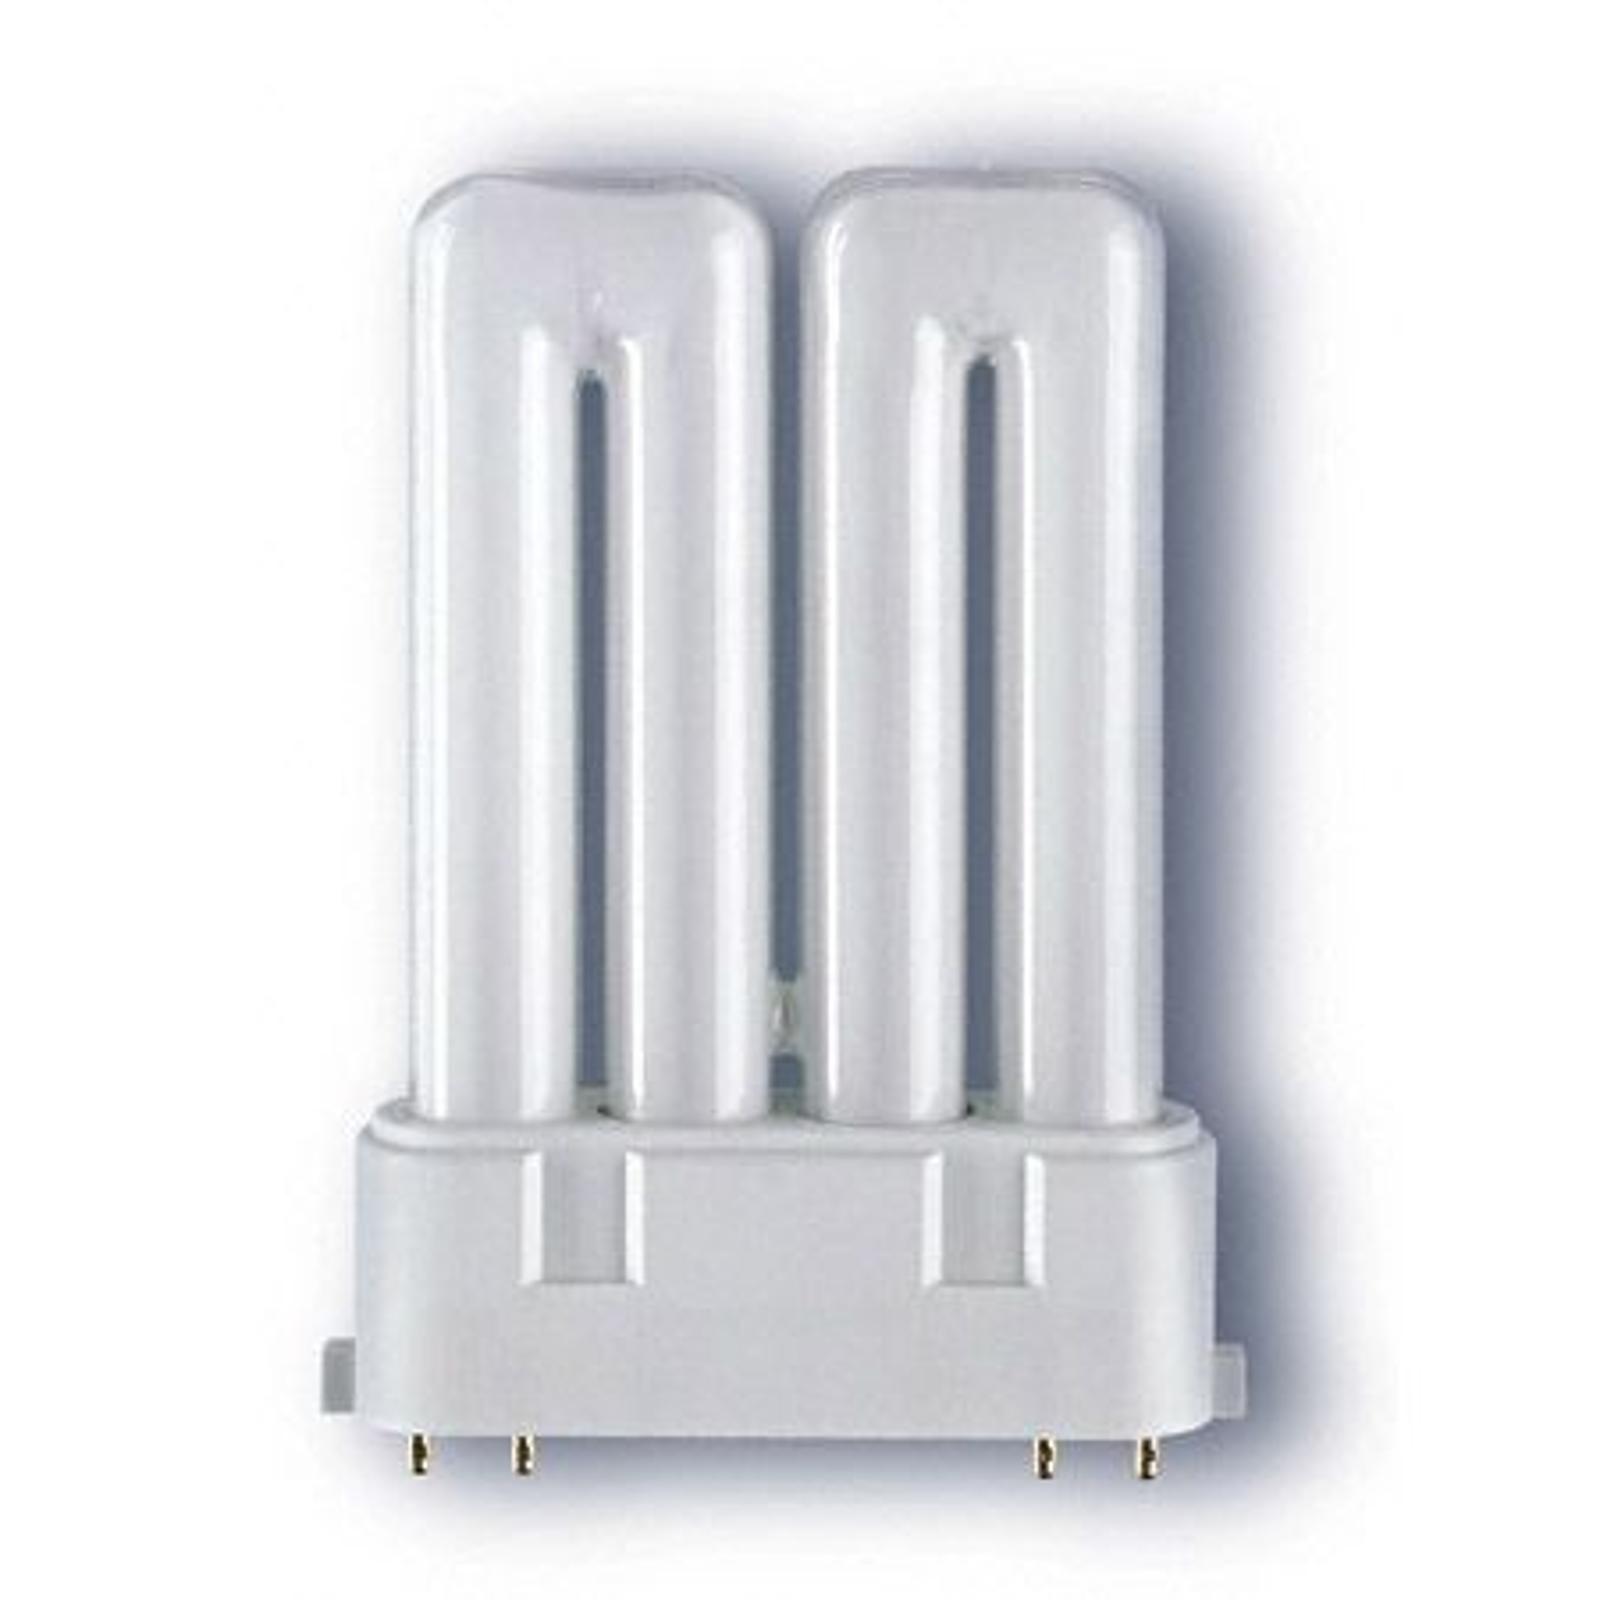 Świetlówka kompaktowa 2G10 Dulux F 18W 830